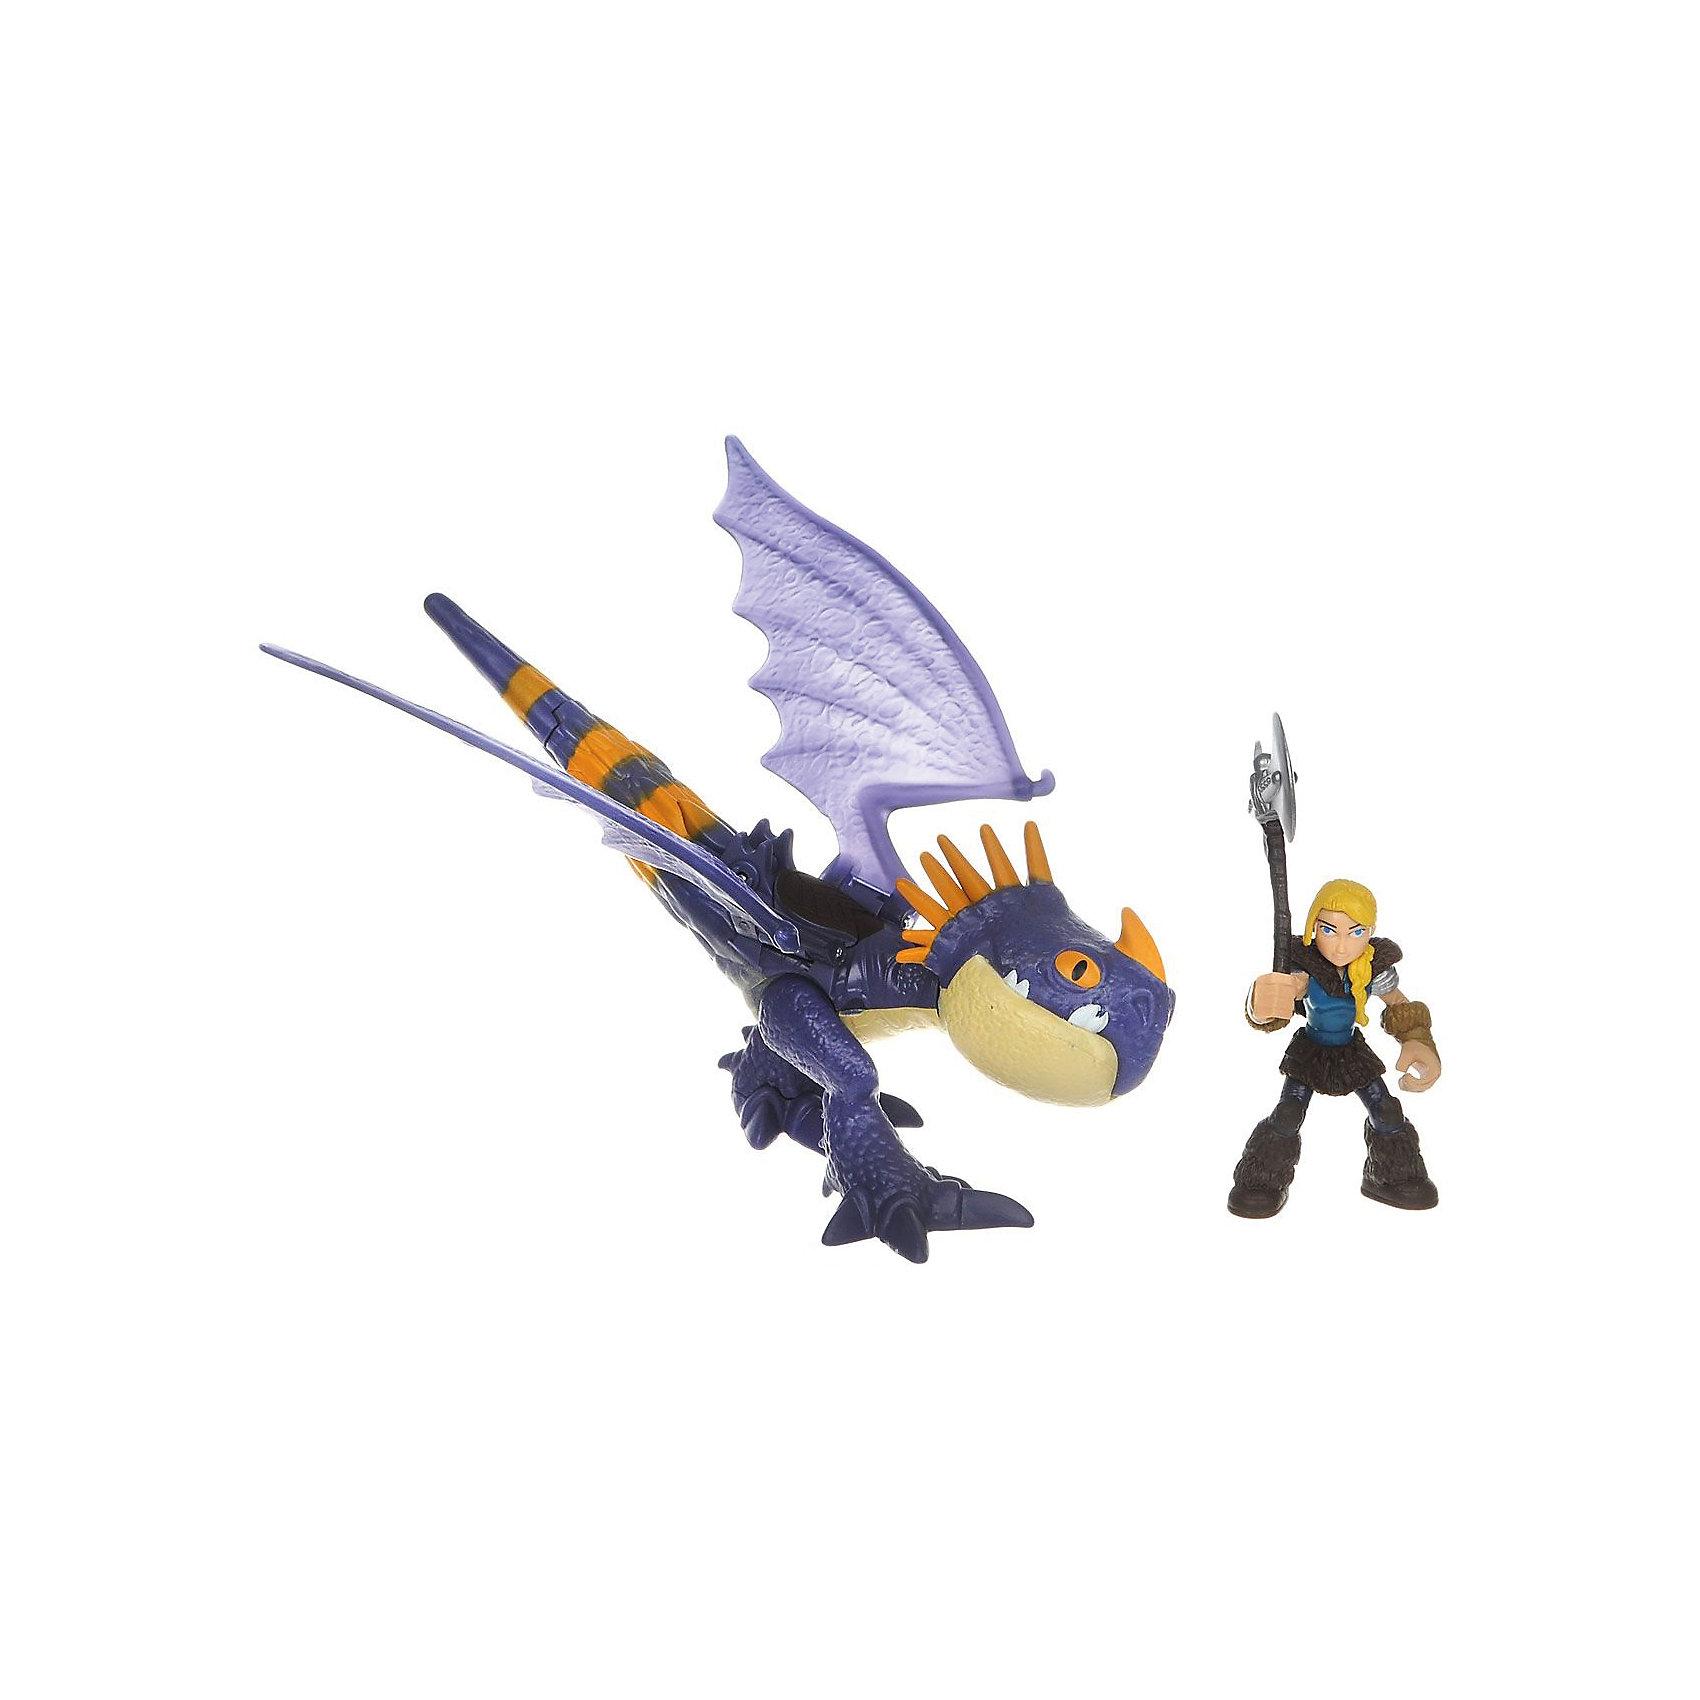 Набор Астрид и Громгильда, фиолетовый дракон, Как приручить дракона, Spin MasterКоллекционные и игровые фигурки<br><br><br>Ширина мм: 295<br>Глубина мм: 213<br>Высота мм: 106<br>Вес г: 201<br>Возраст от месяцев: 36<br>Возраст до месяцев: 96<br>Пол: Унисекс<br>Возраст: Детский<br>SKU: 6739775